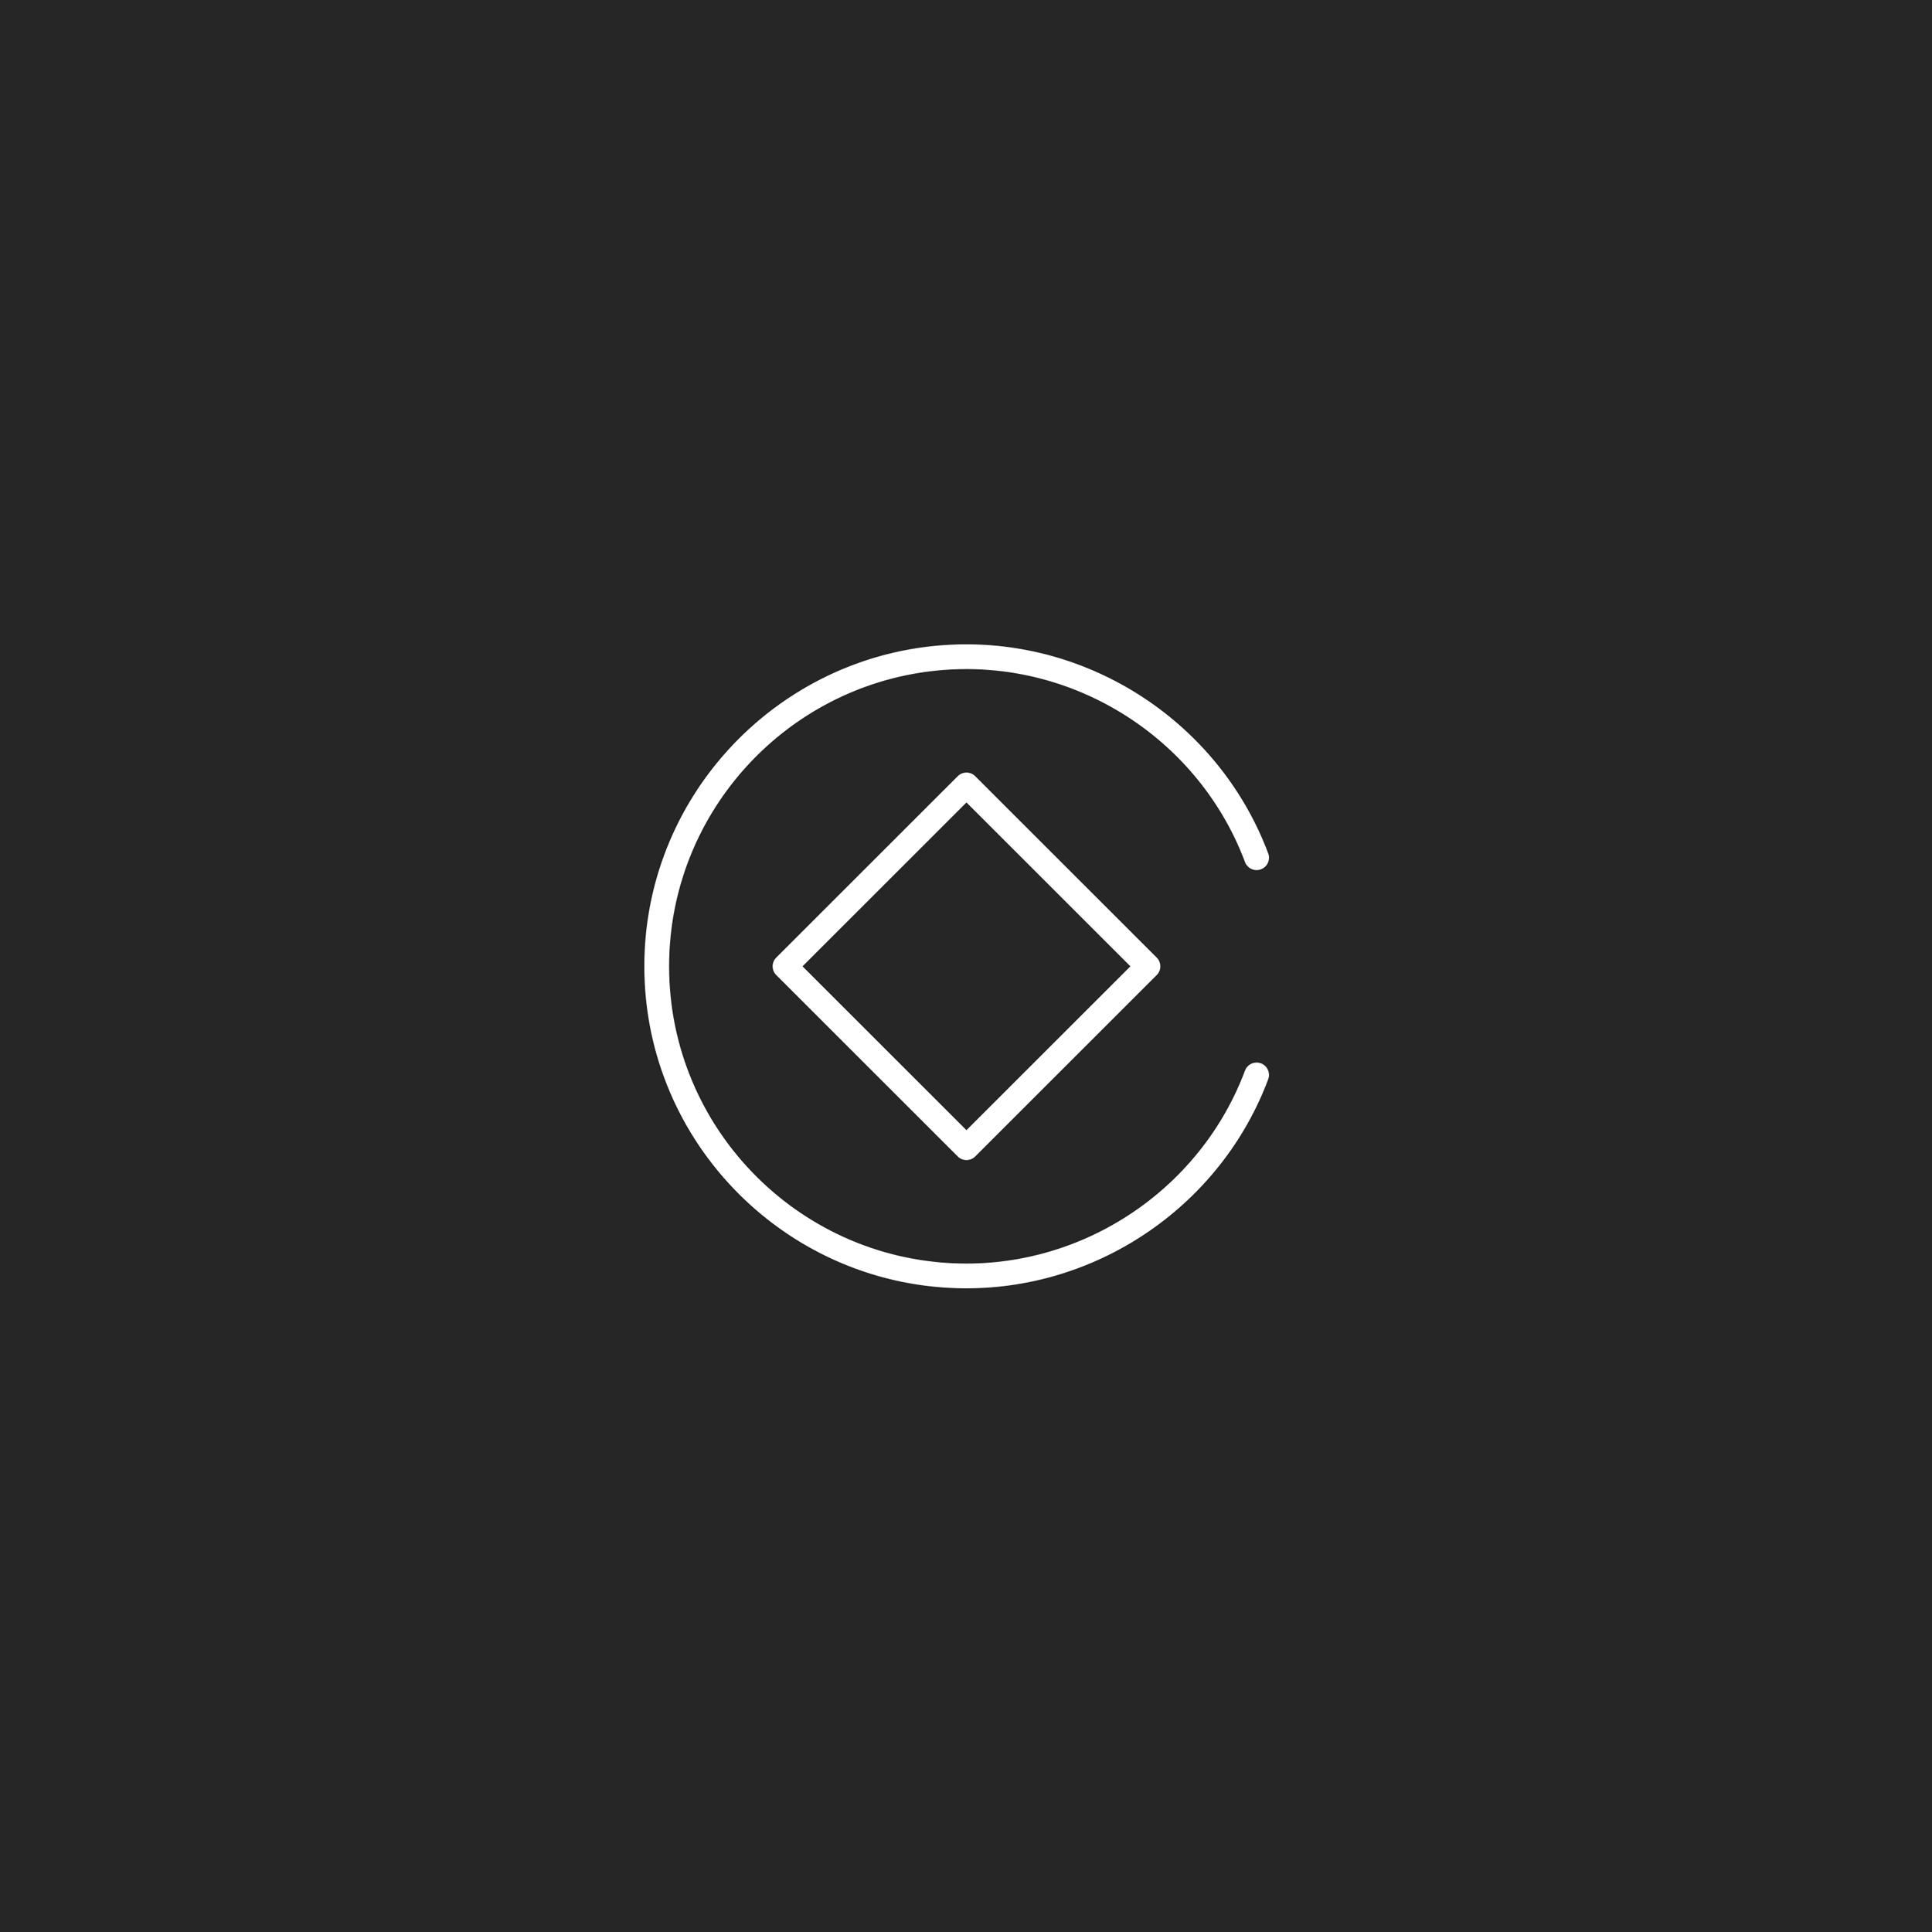 circle-logo-symbol-white.jpg